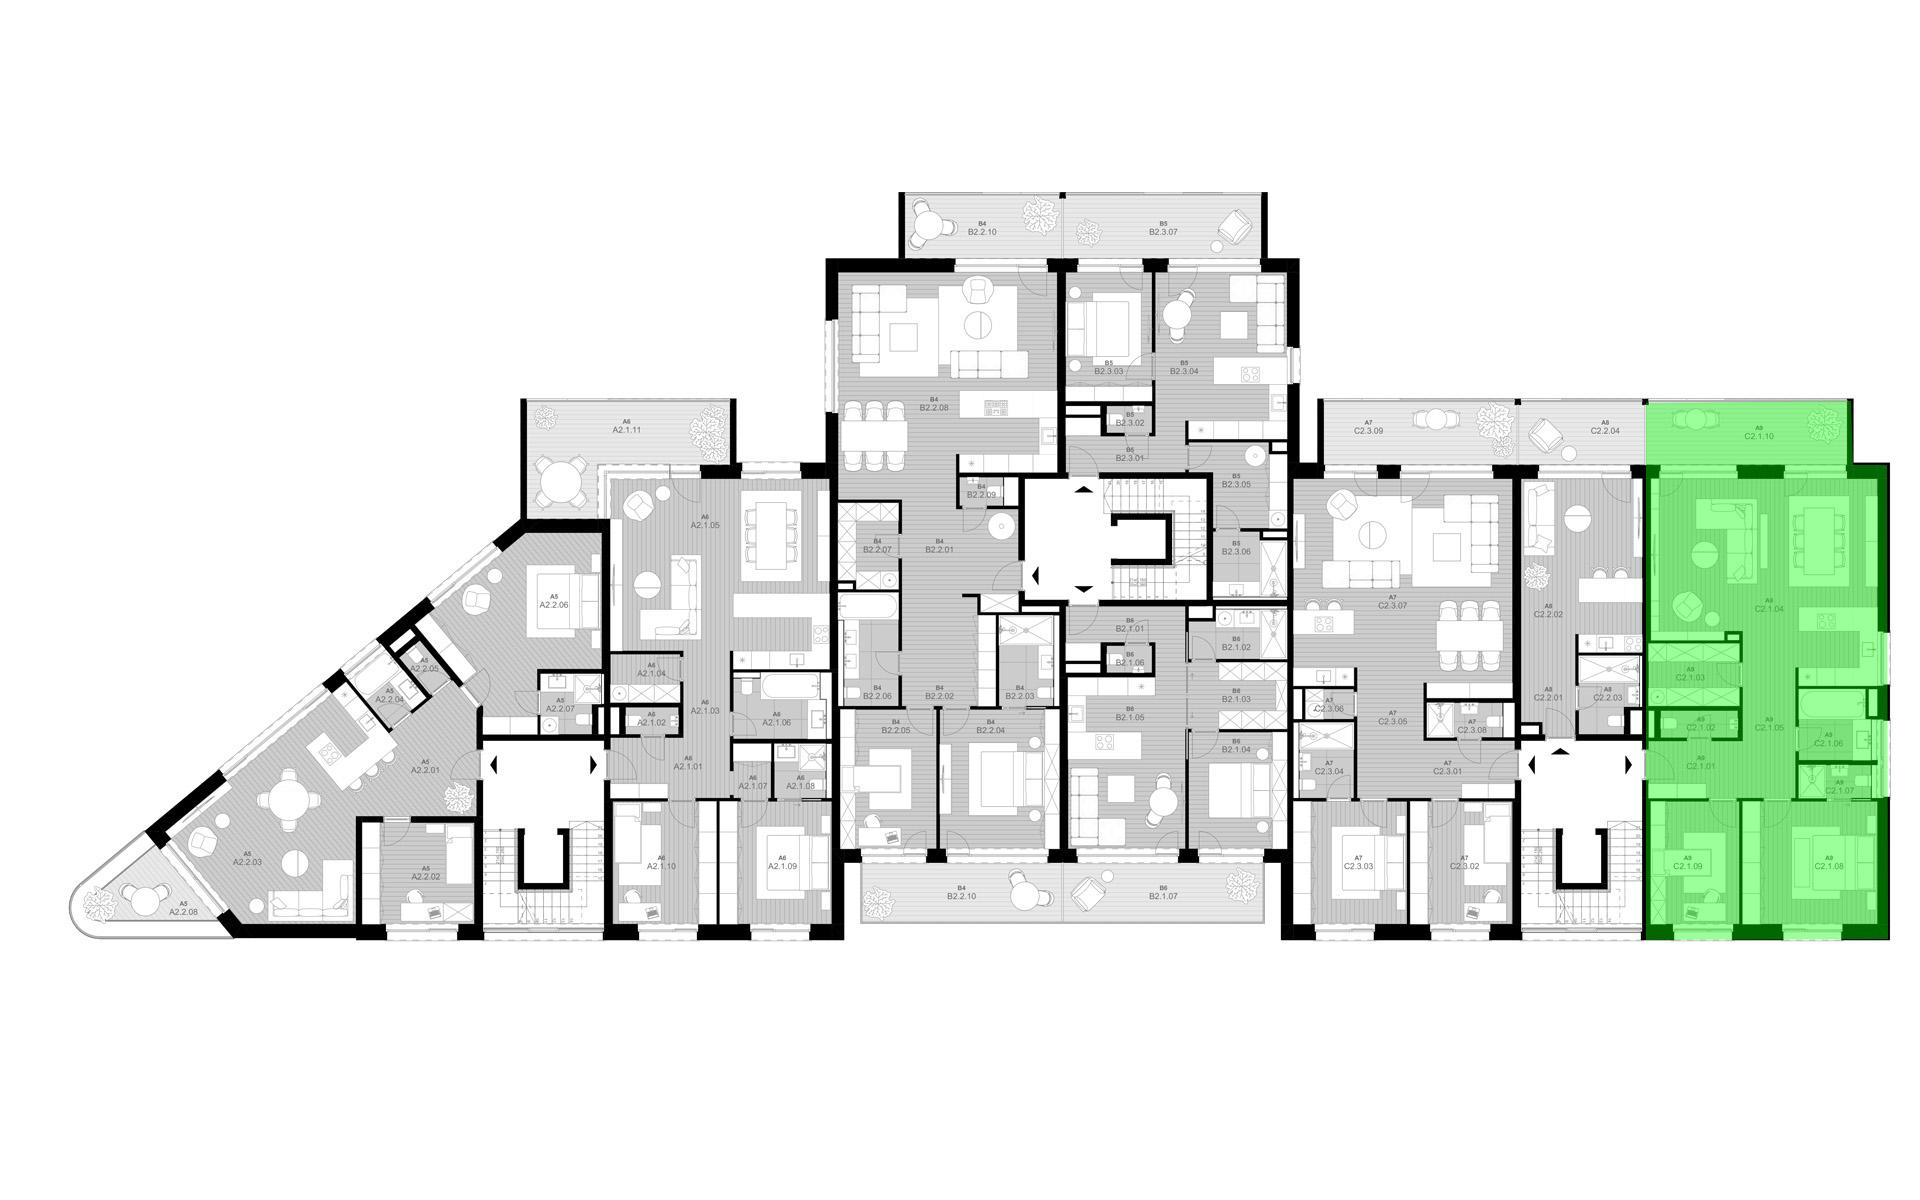 rezidencia K Železnej Studienke - pôdorys so zvýraznením apartmánu C2.1